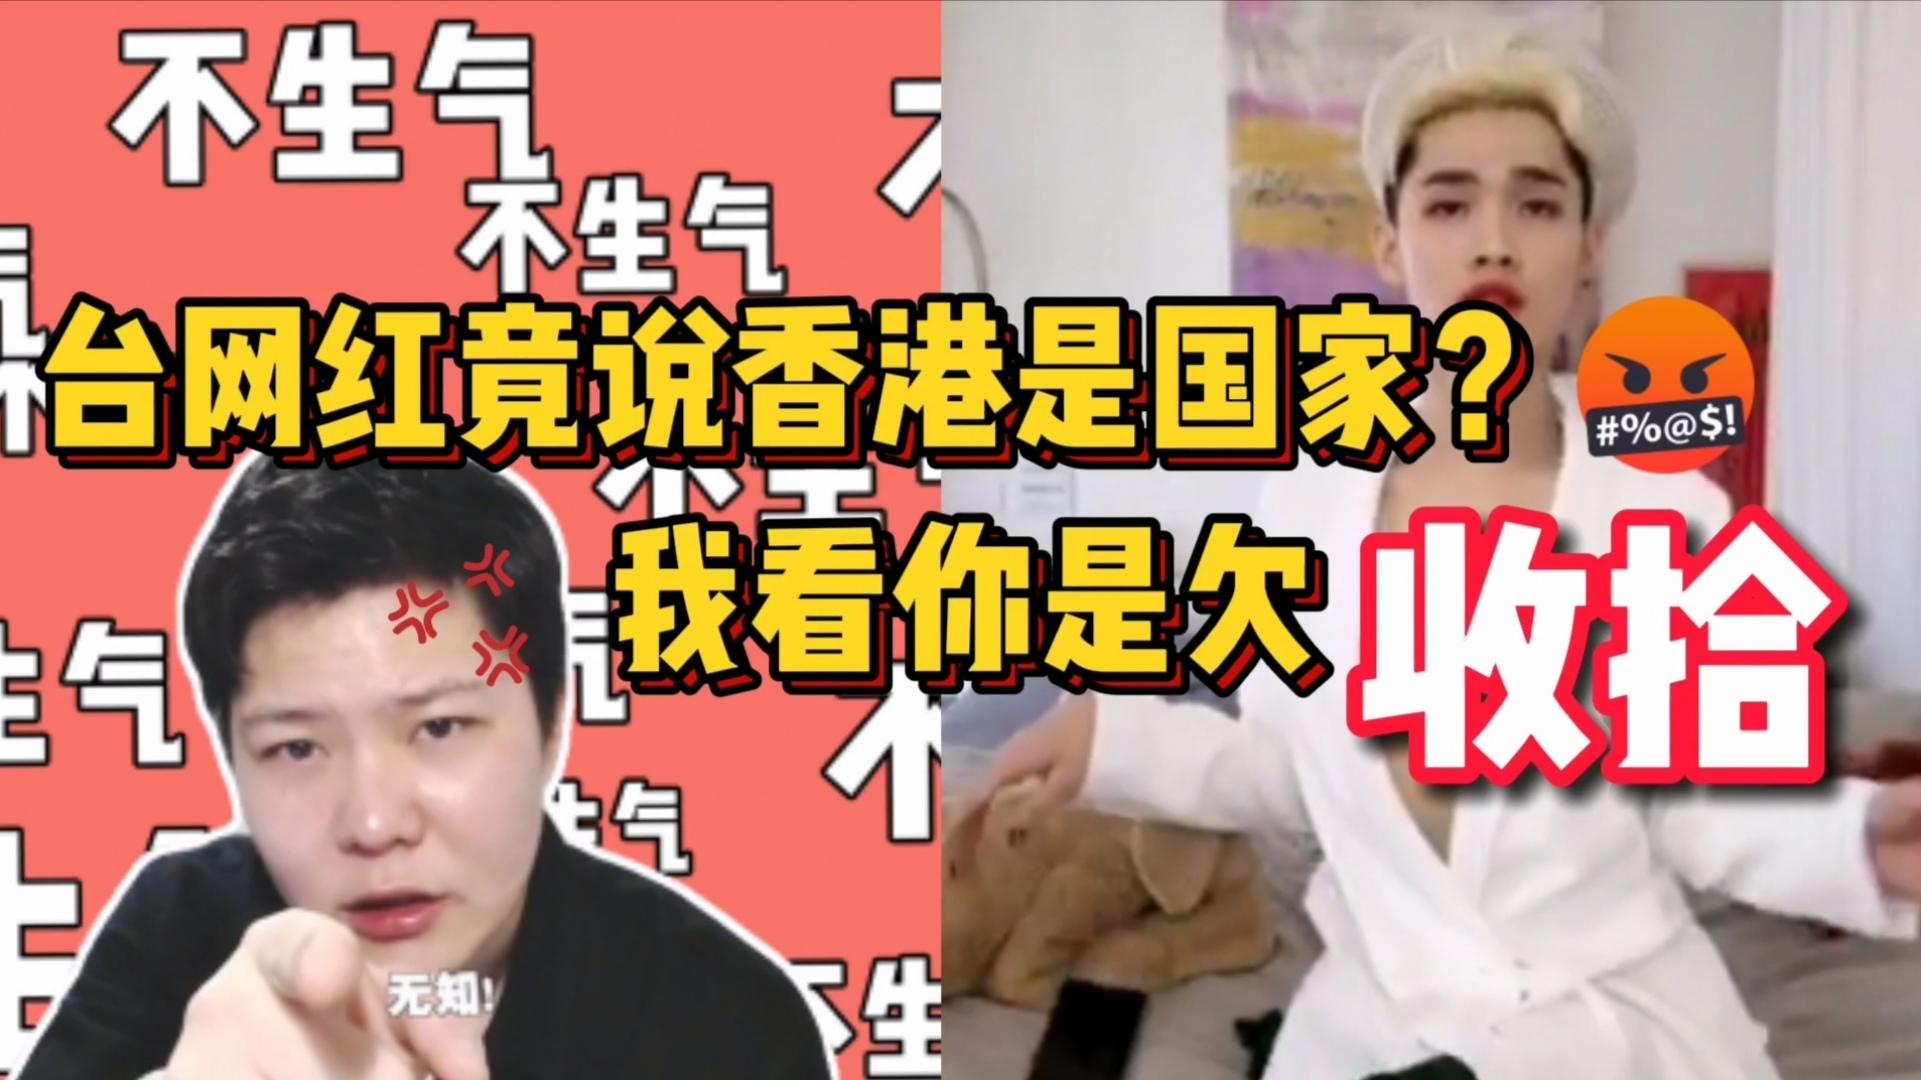 台网红竟说香港是国家?东北小哥看你真的欠收拾!图片